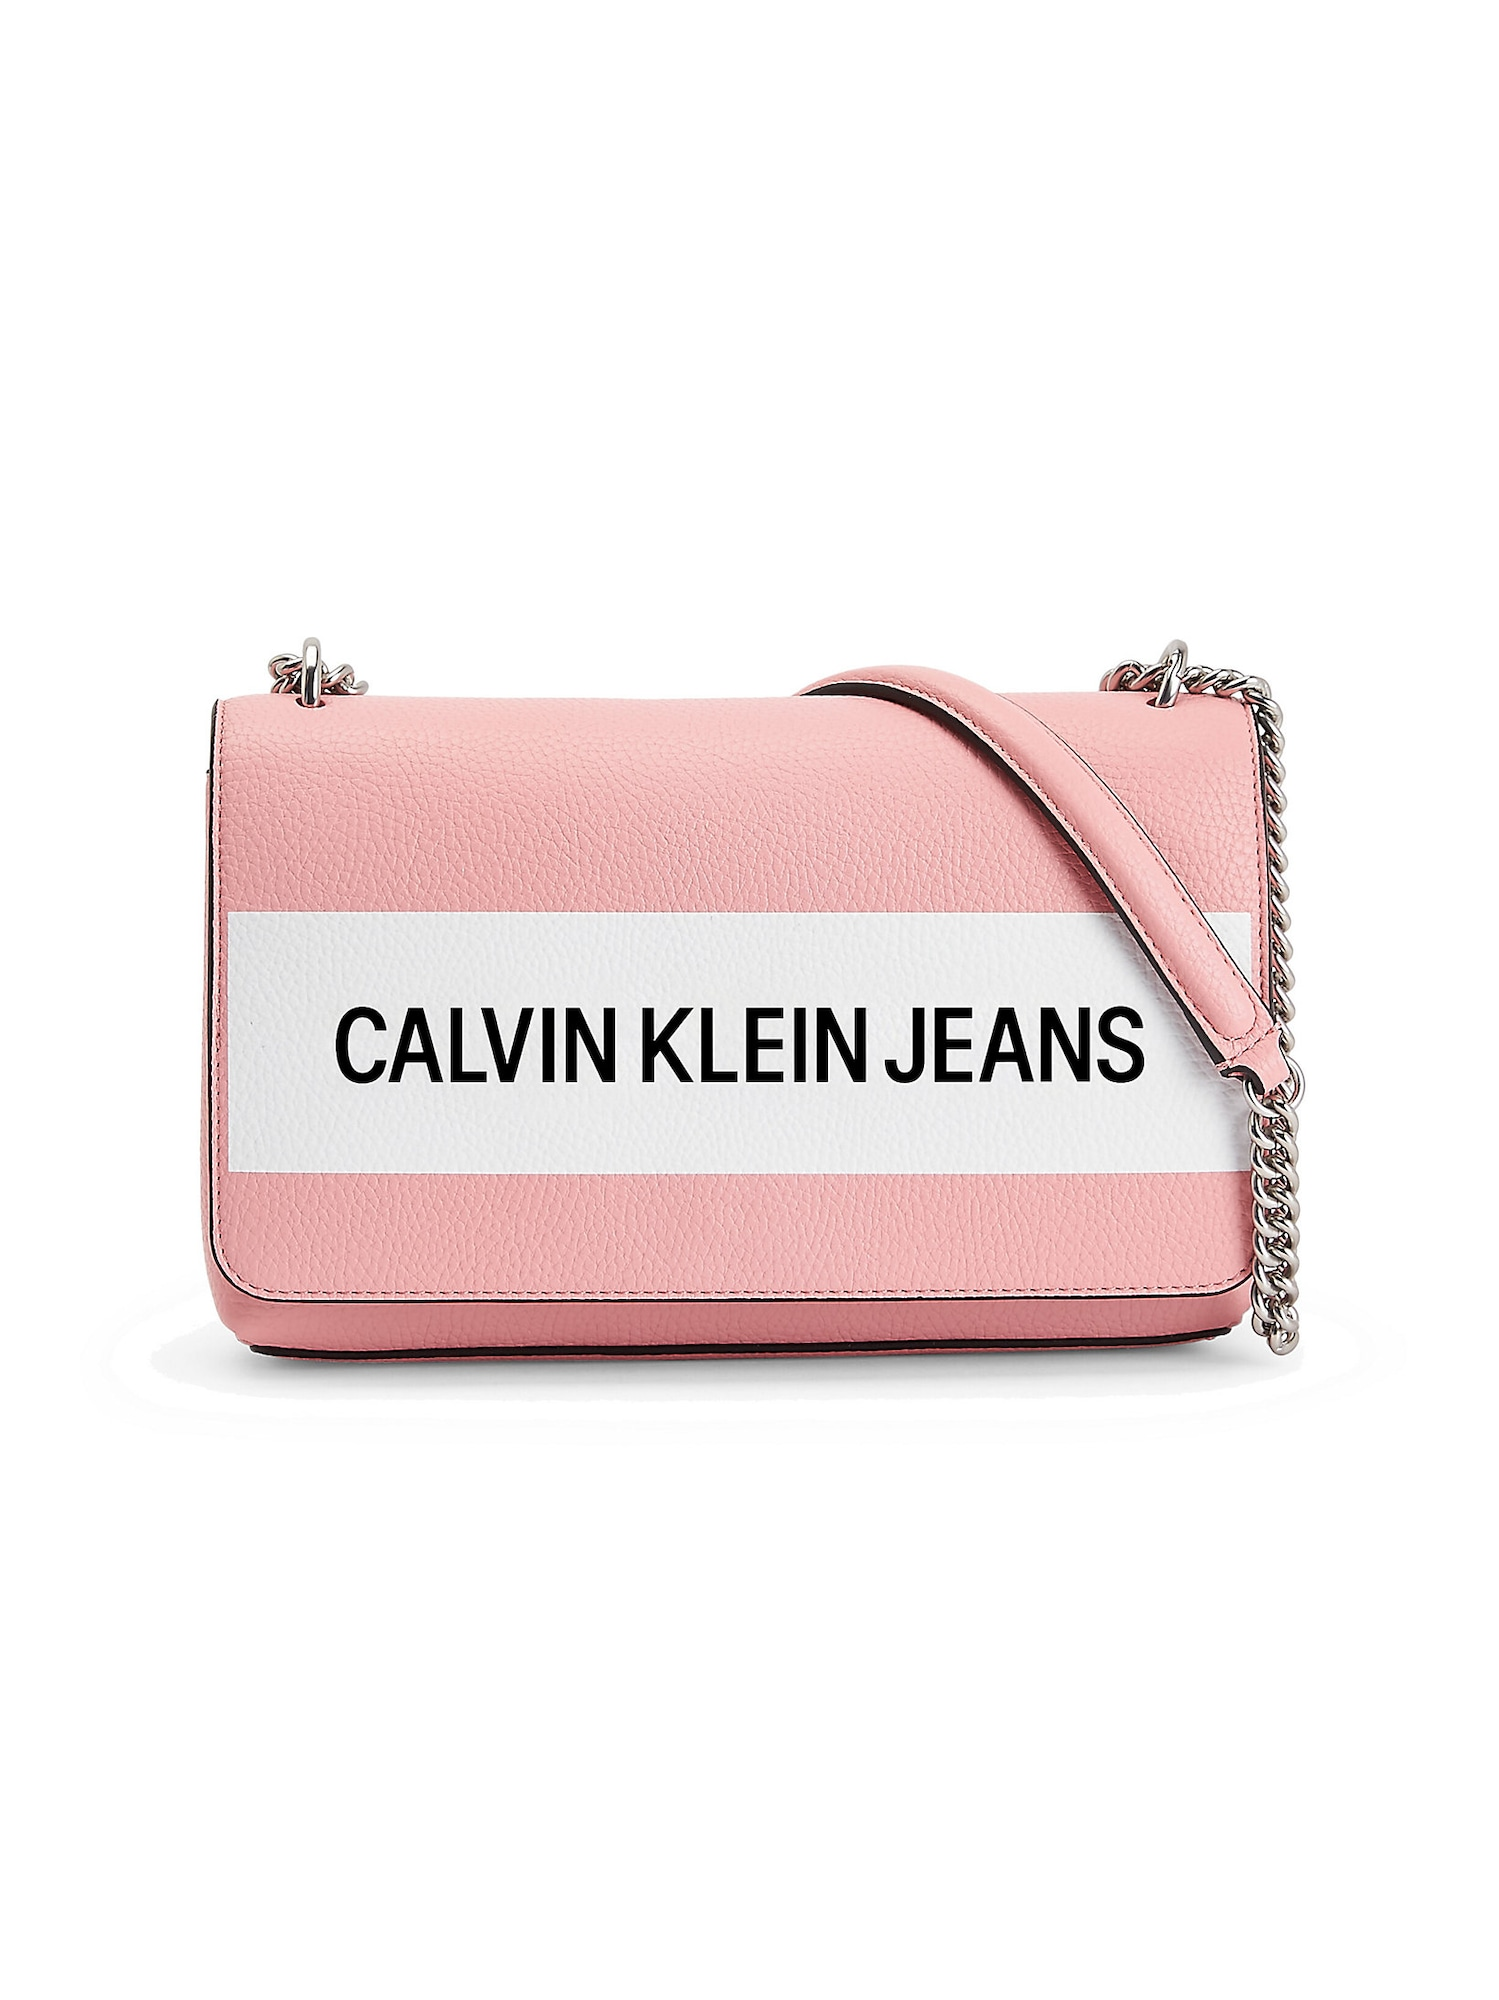 Calvin Klein Jeans Rankinė su ilgu dirželiu rožinė / balta / juoda